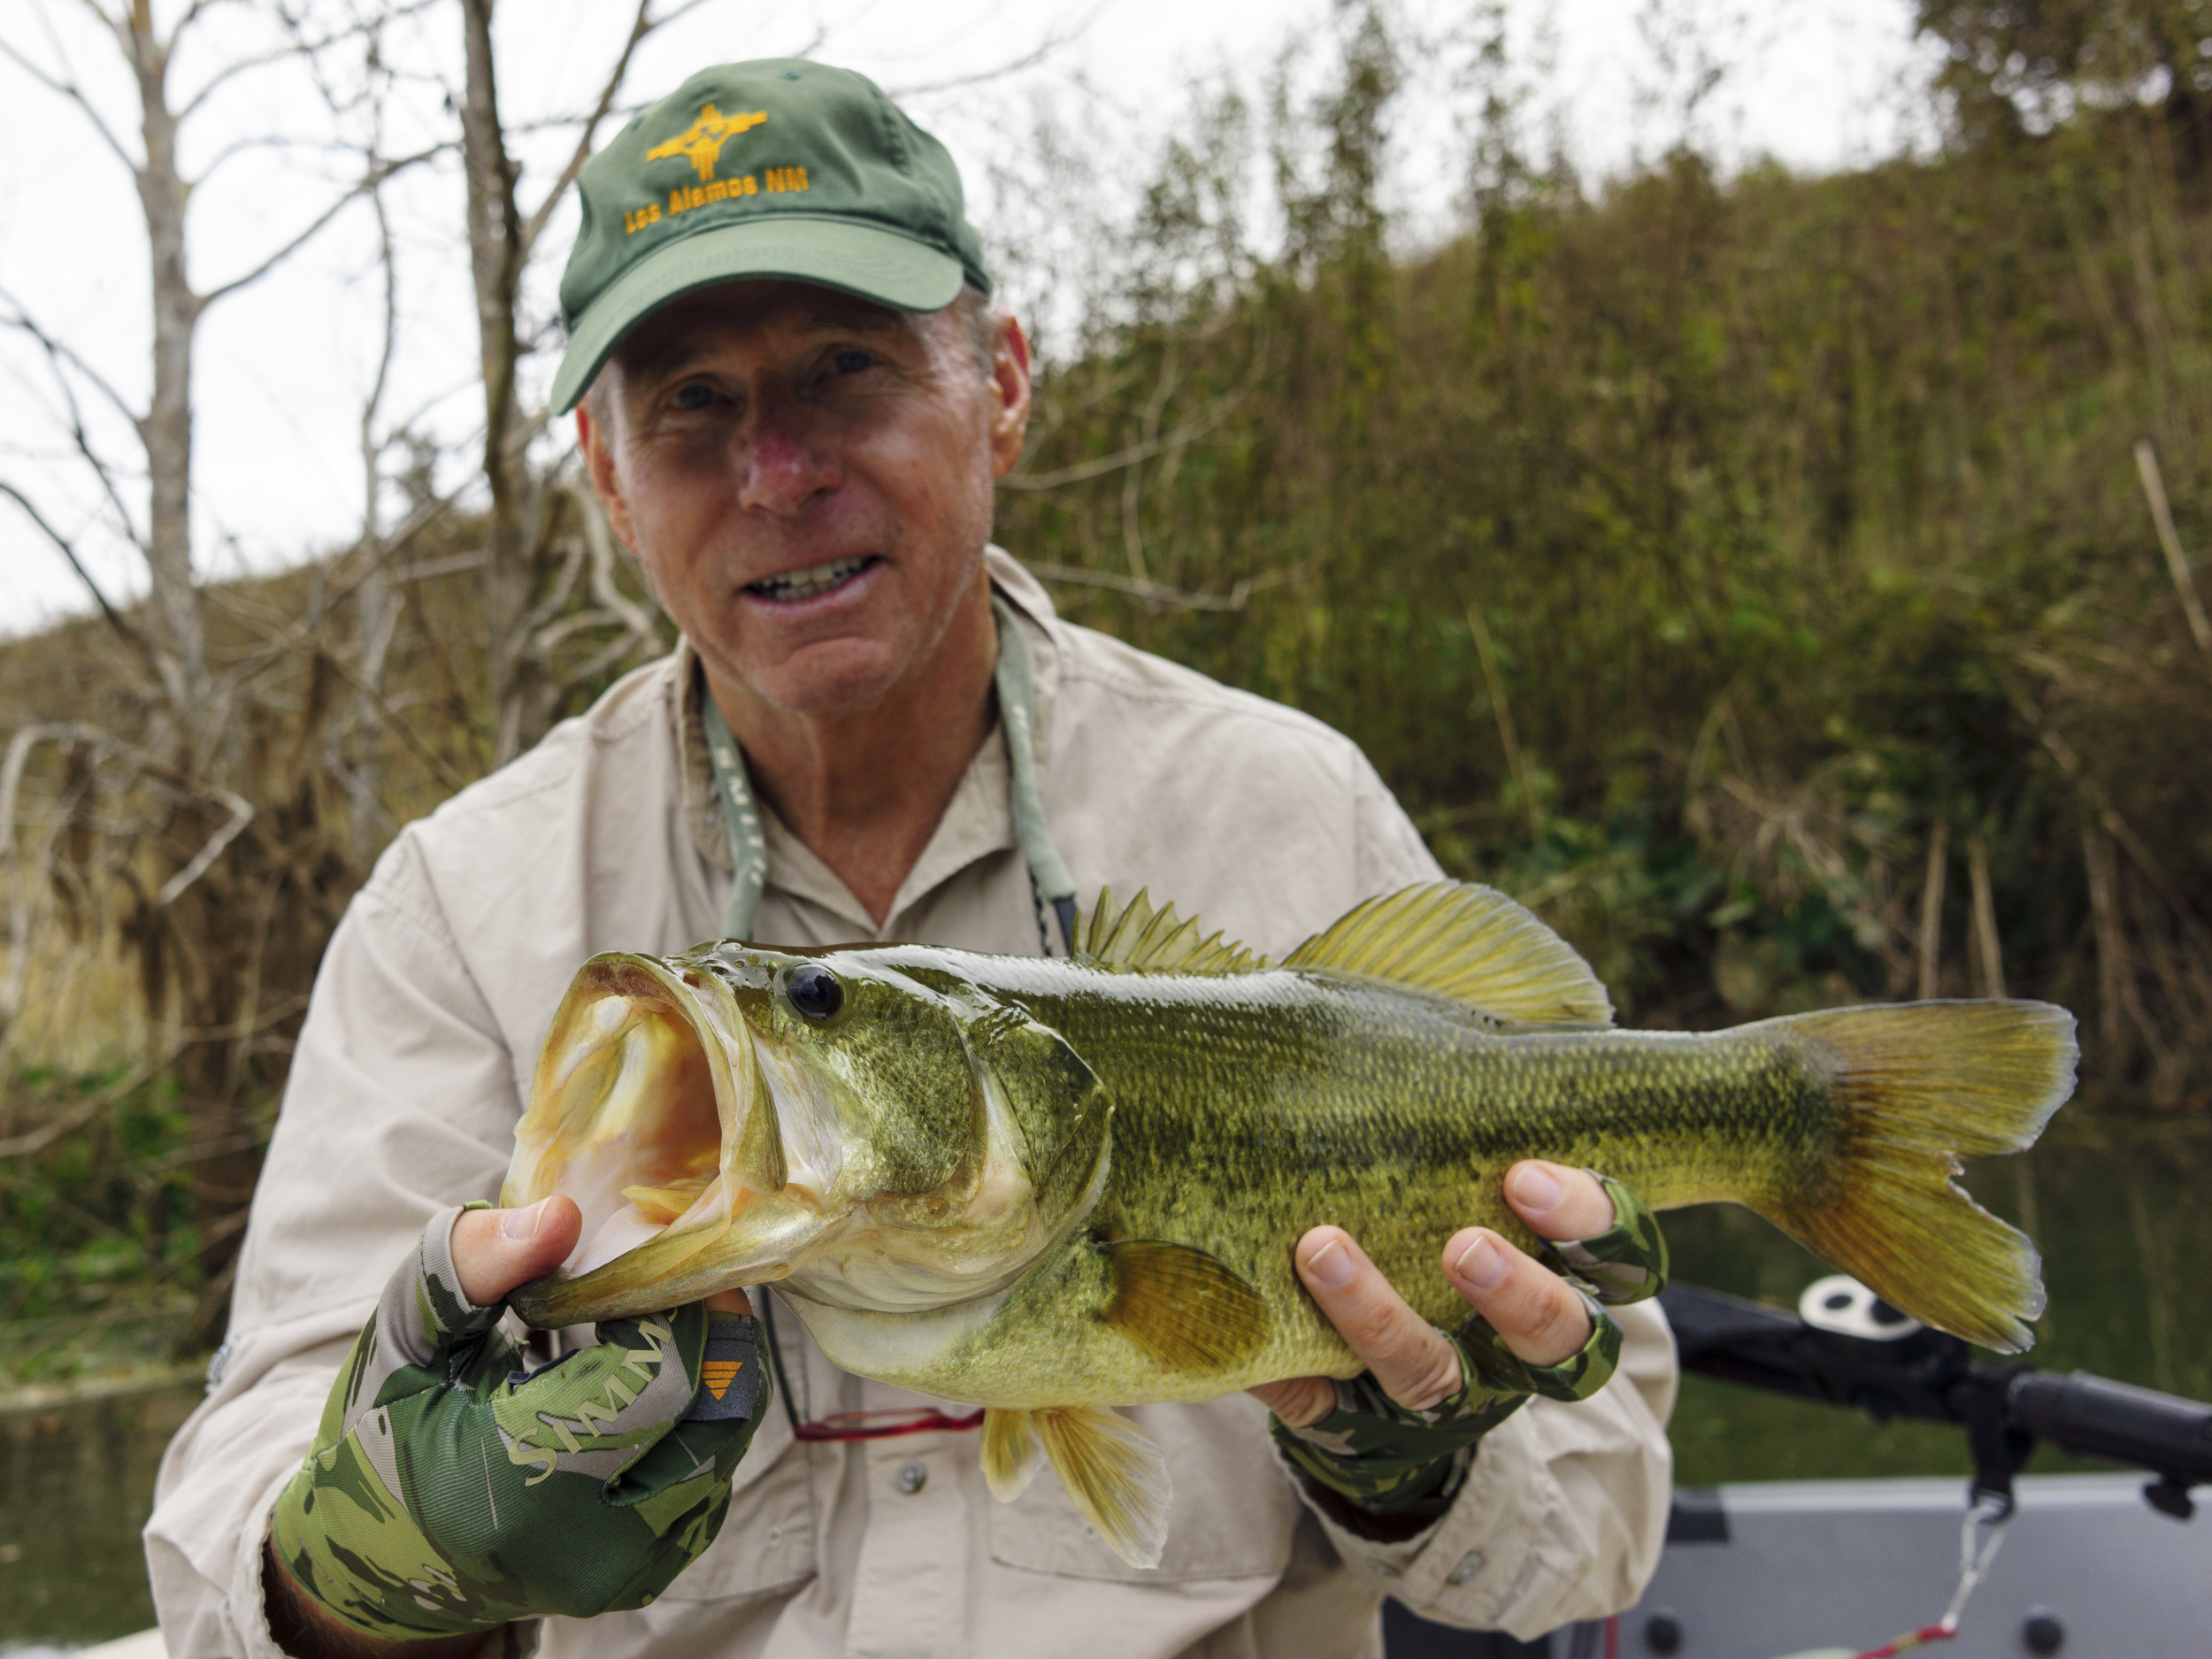 Colorado River bass